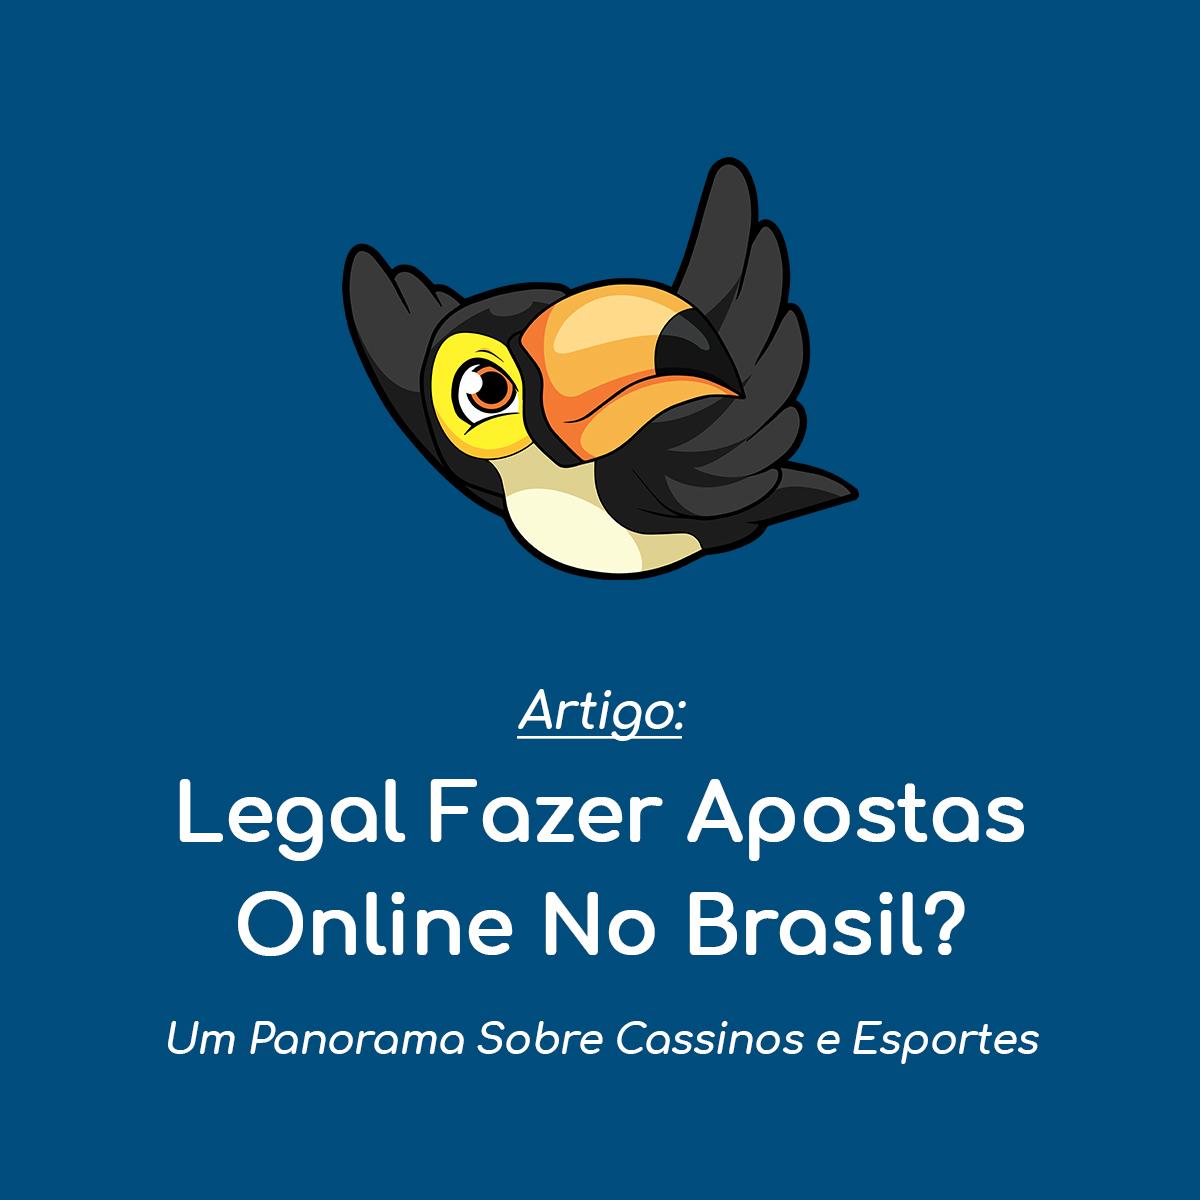 Artigo- Legal Fazer Apostas Online No Brasil? Um Panorama Sobre Cassinos e Esportes2